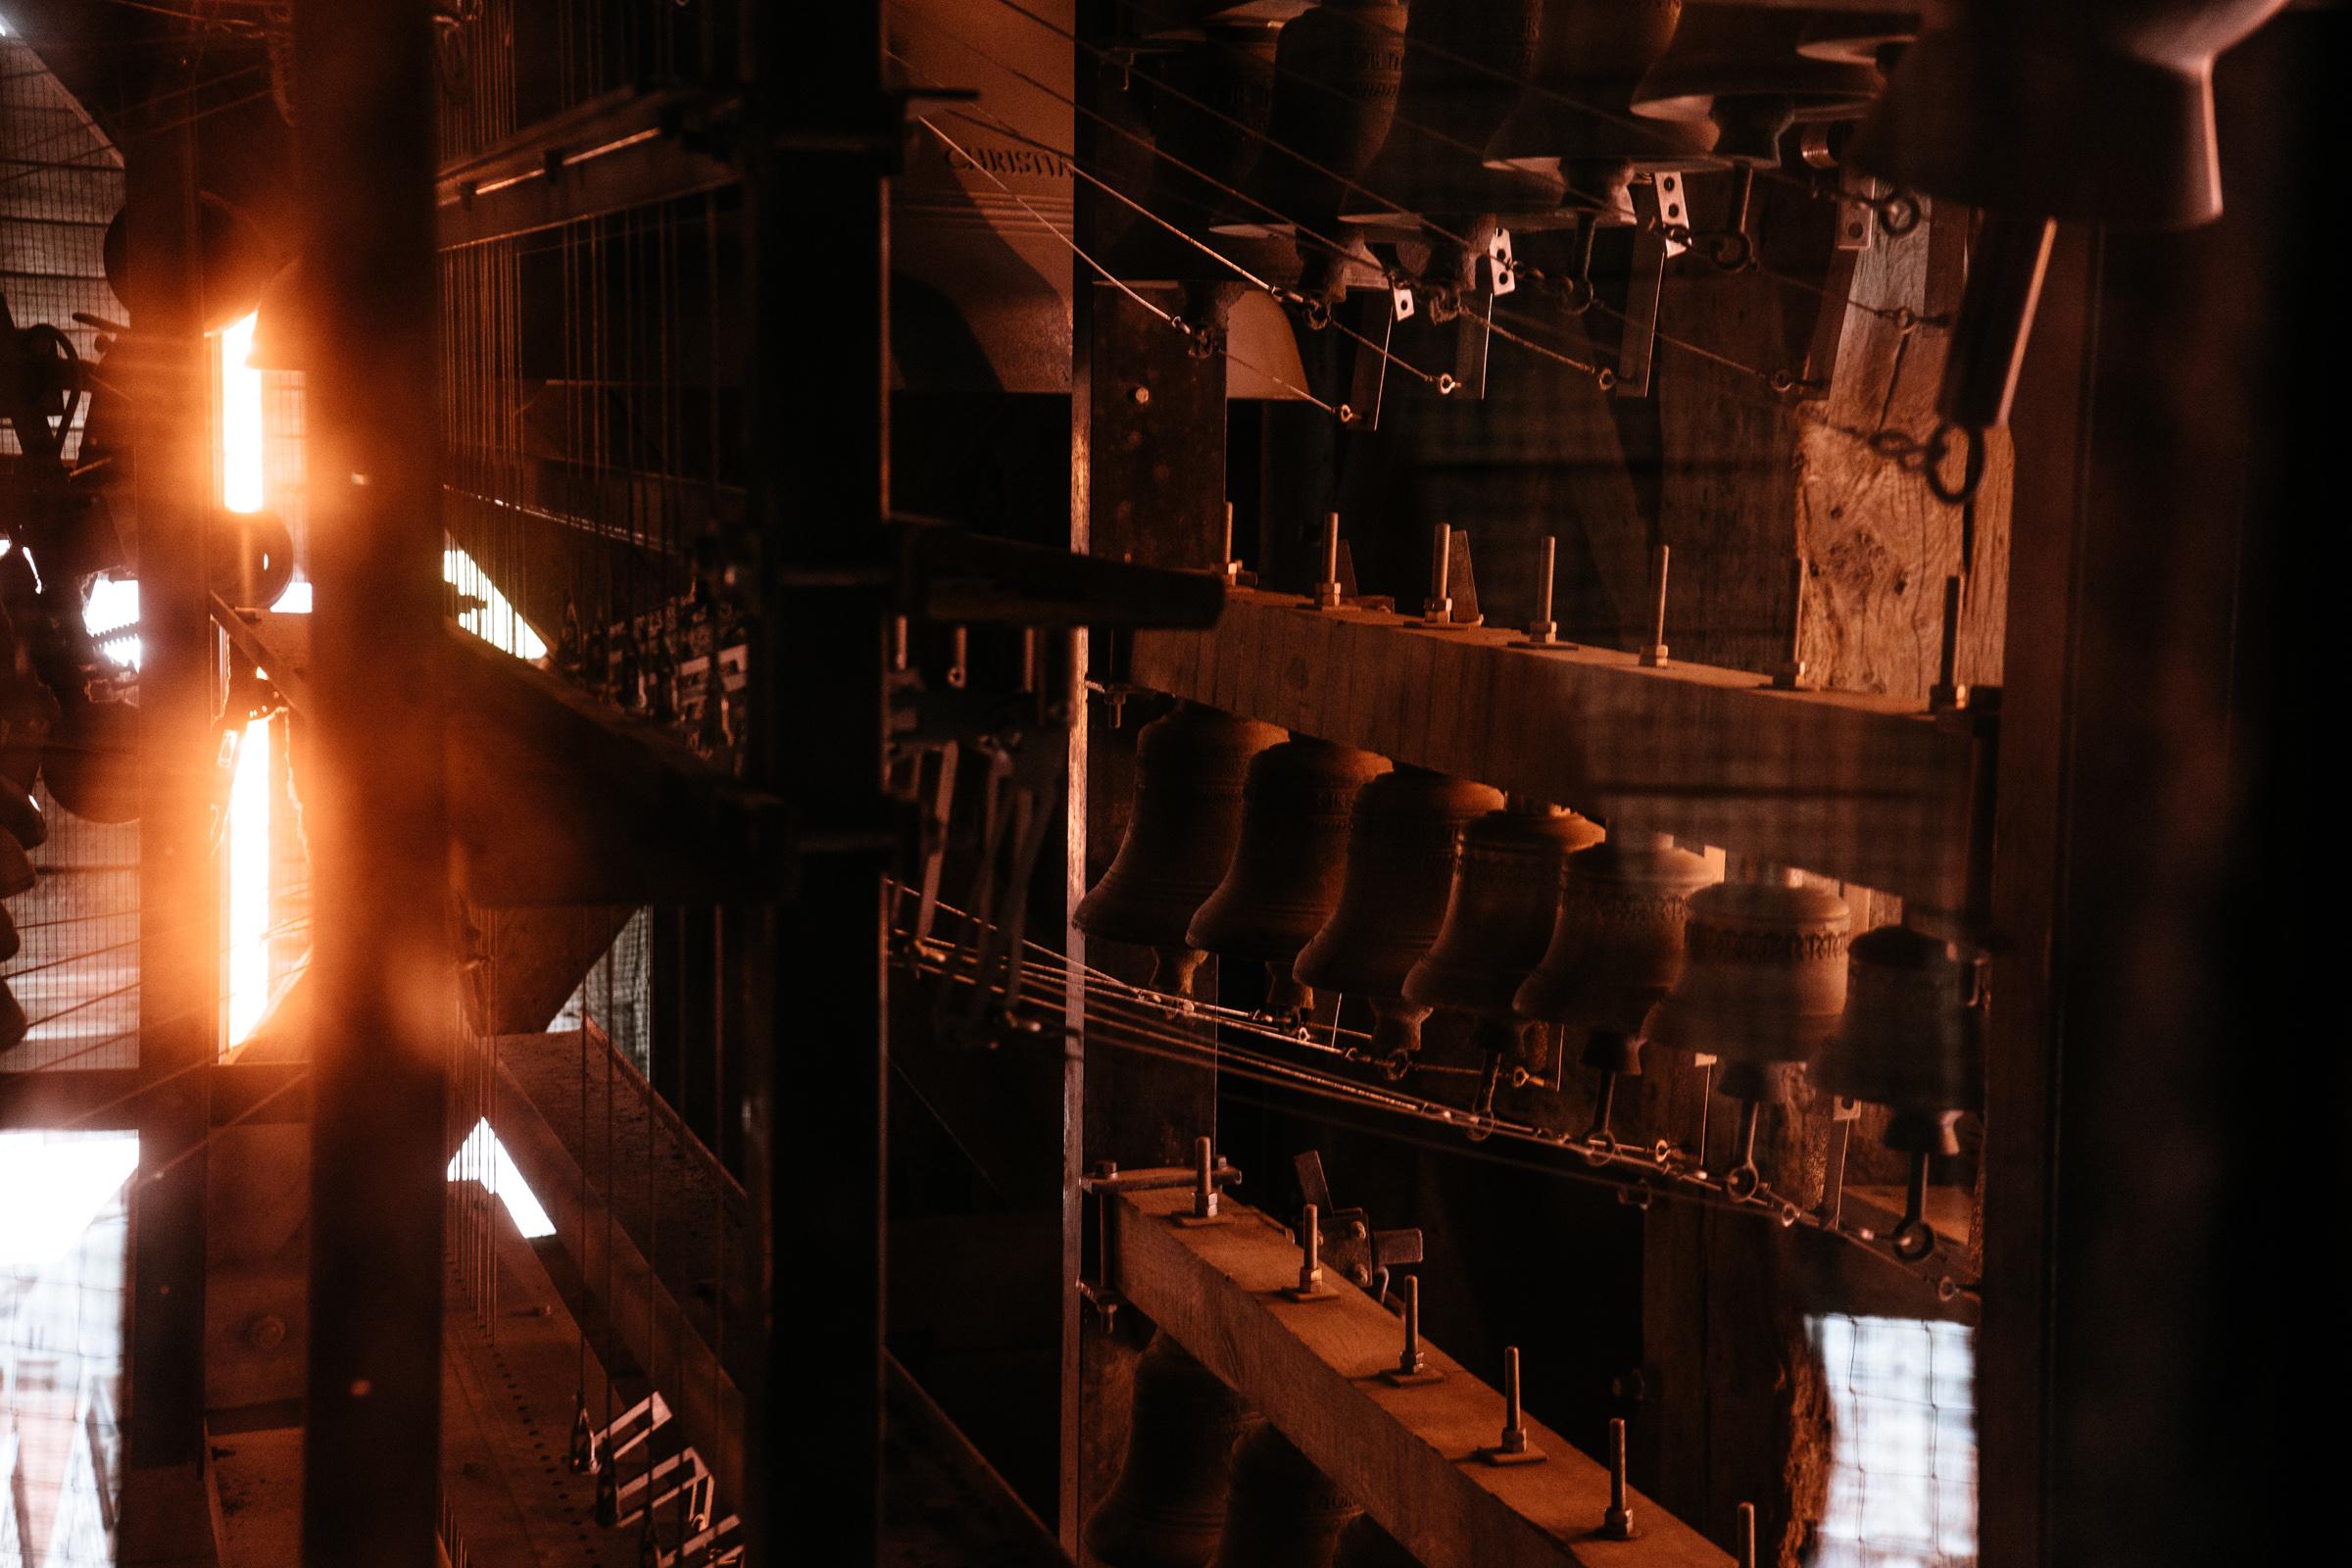 Les cloches du carillon du Beffroi de Tournai